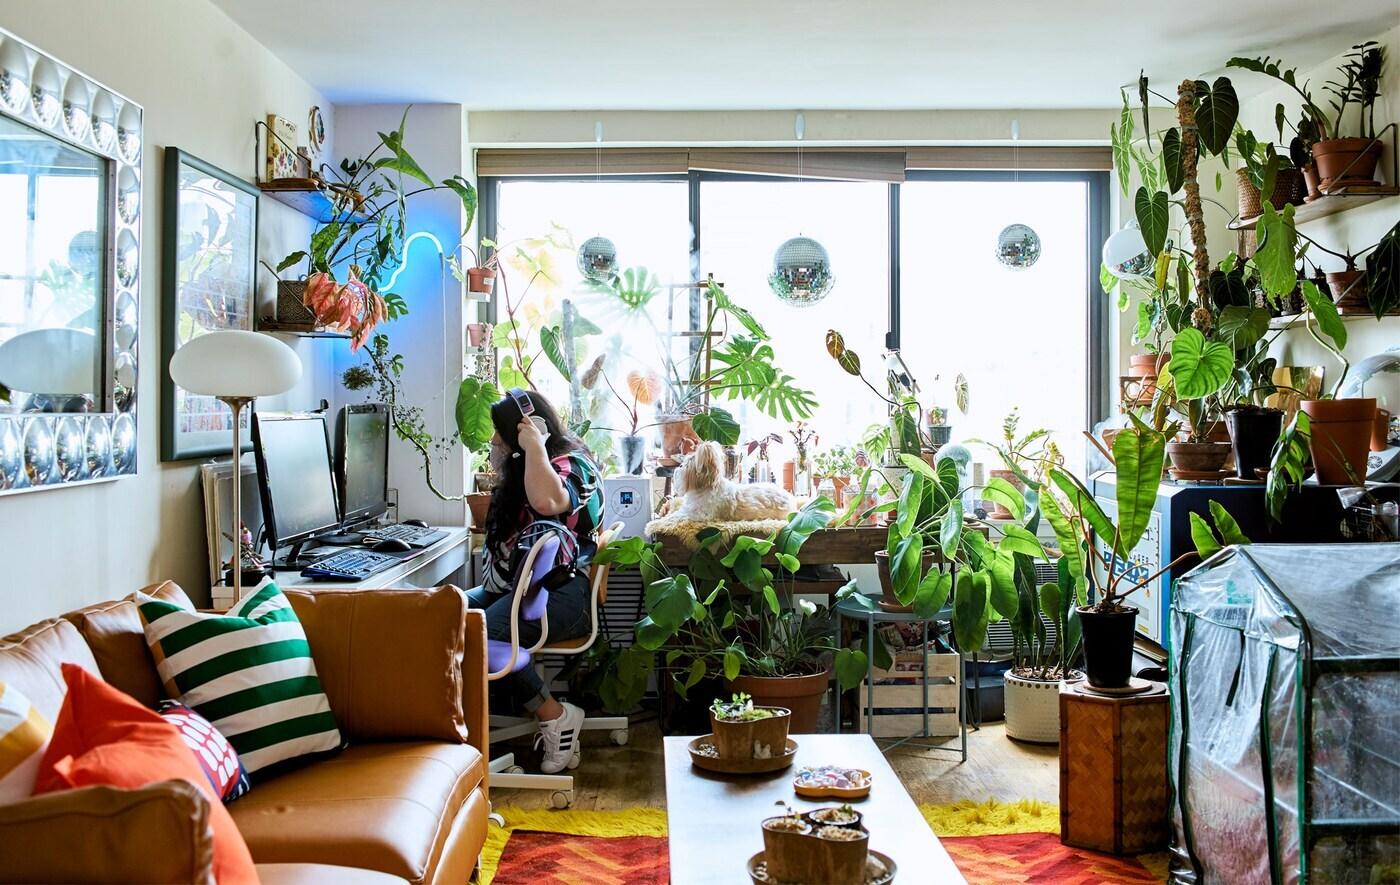 Lien vers le blogue IDÉES 'Visite à domicile: idées pour voir grand dans un petit espace' - photo d'une aire ouverte où l'on trouve un bureau à domicile et quantité de plantes.